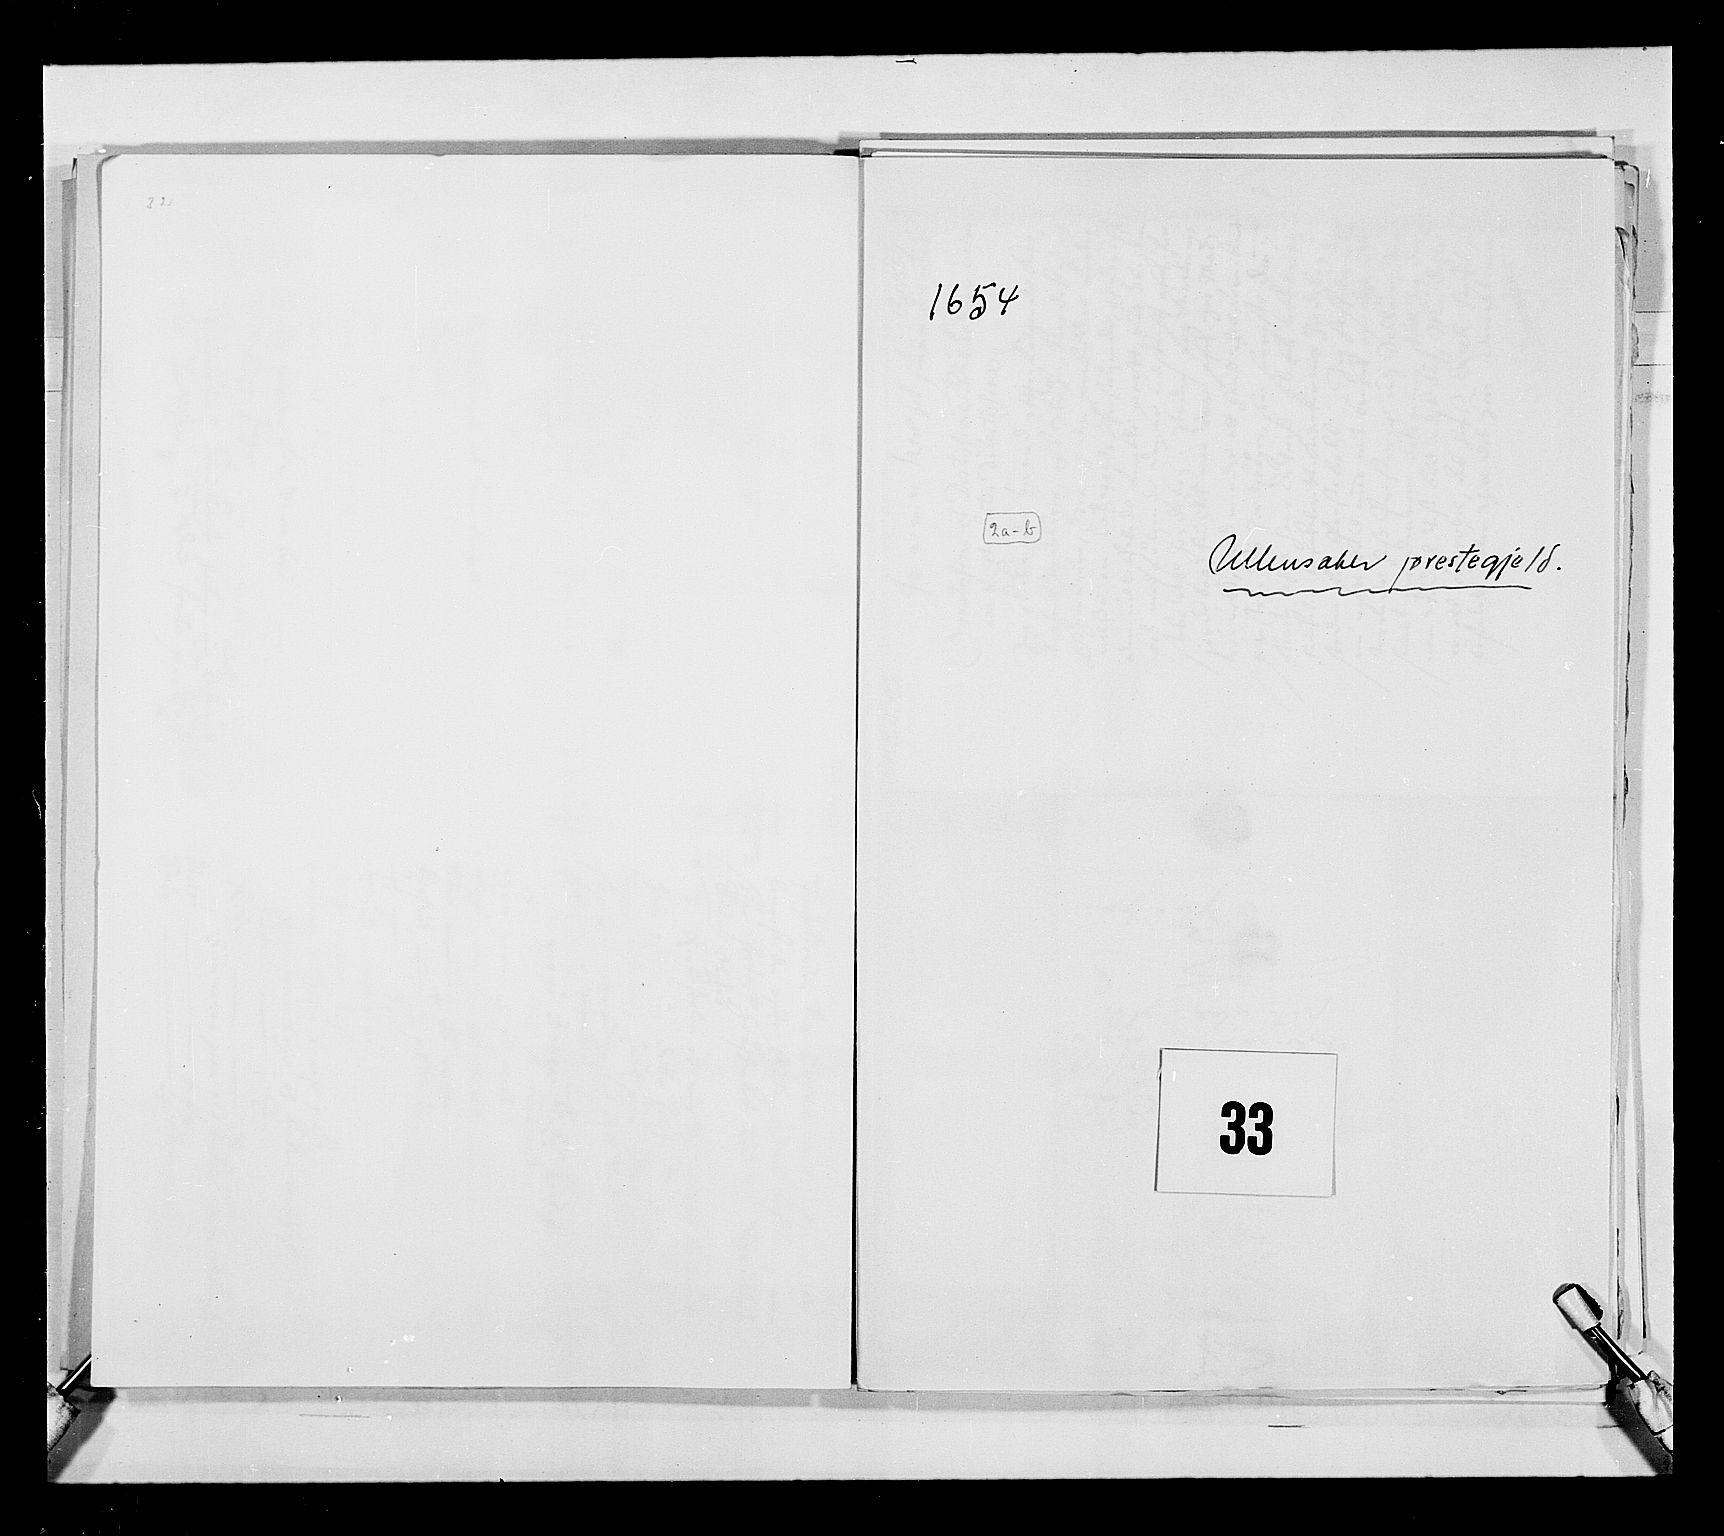 RA, Stattholderembetet 1572-1771, Ek/L0030: Jordebøker 1633-1658:, 1654, s. 139